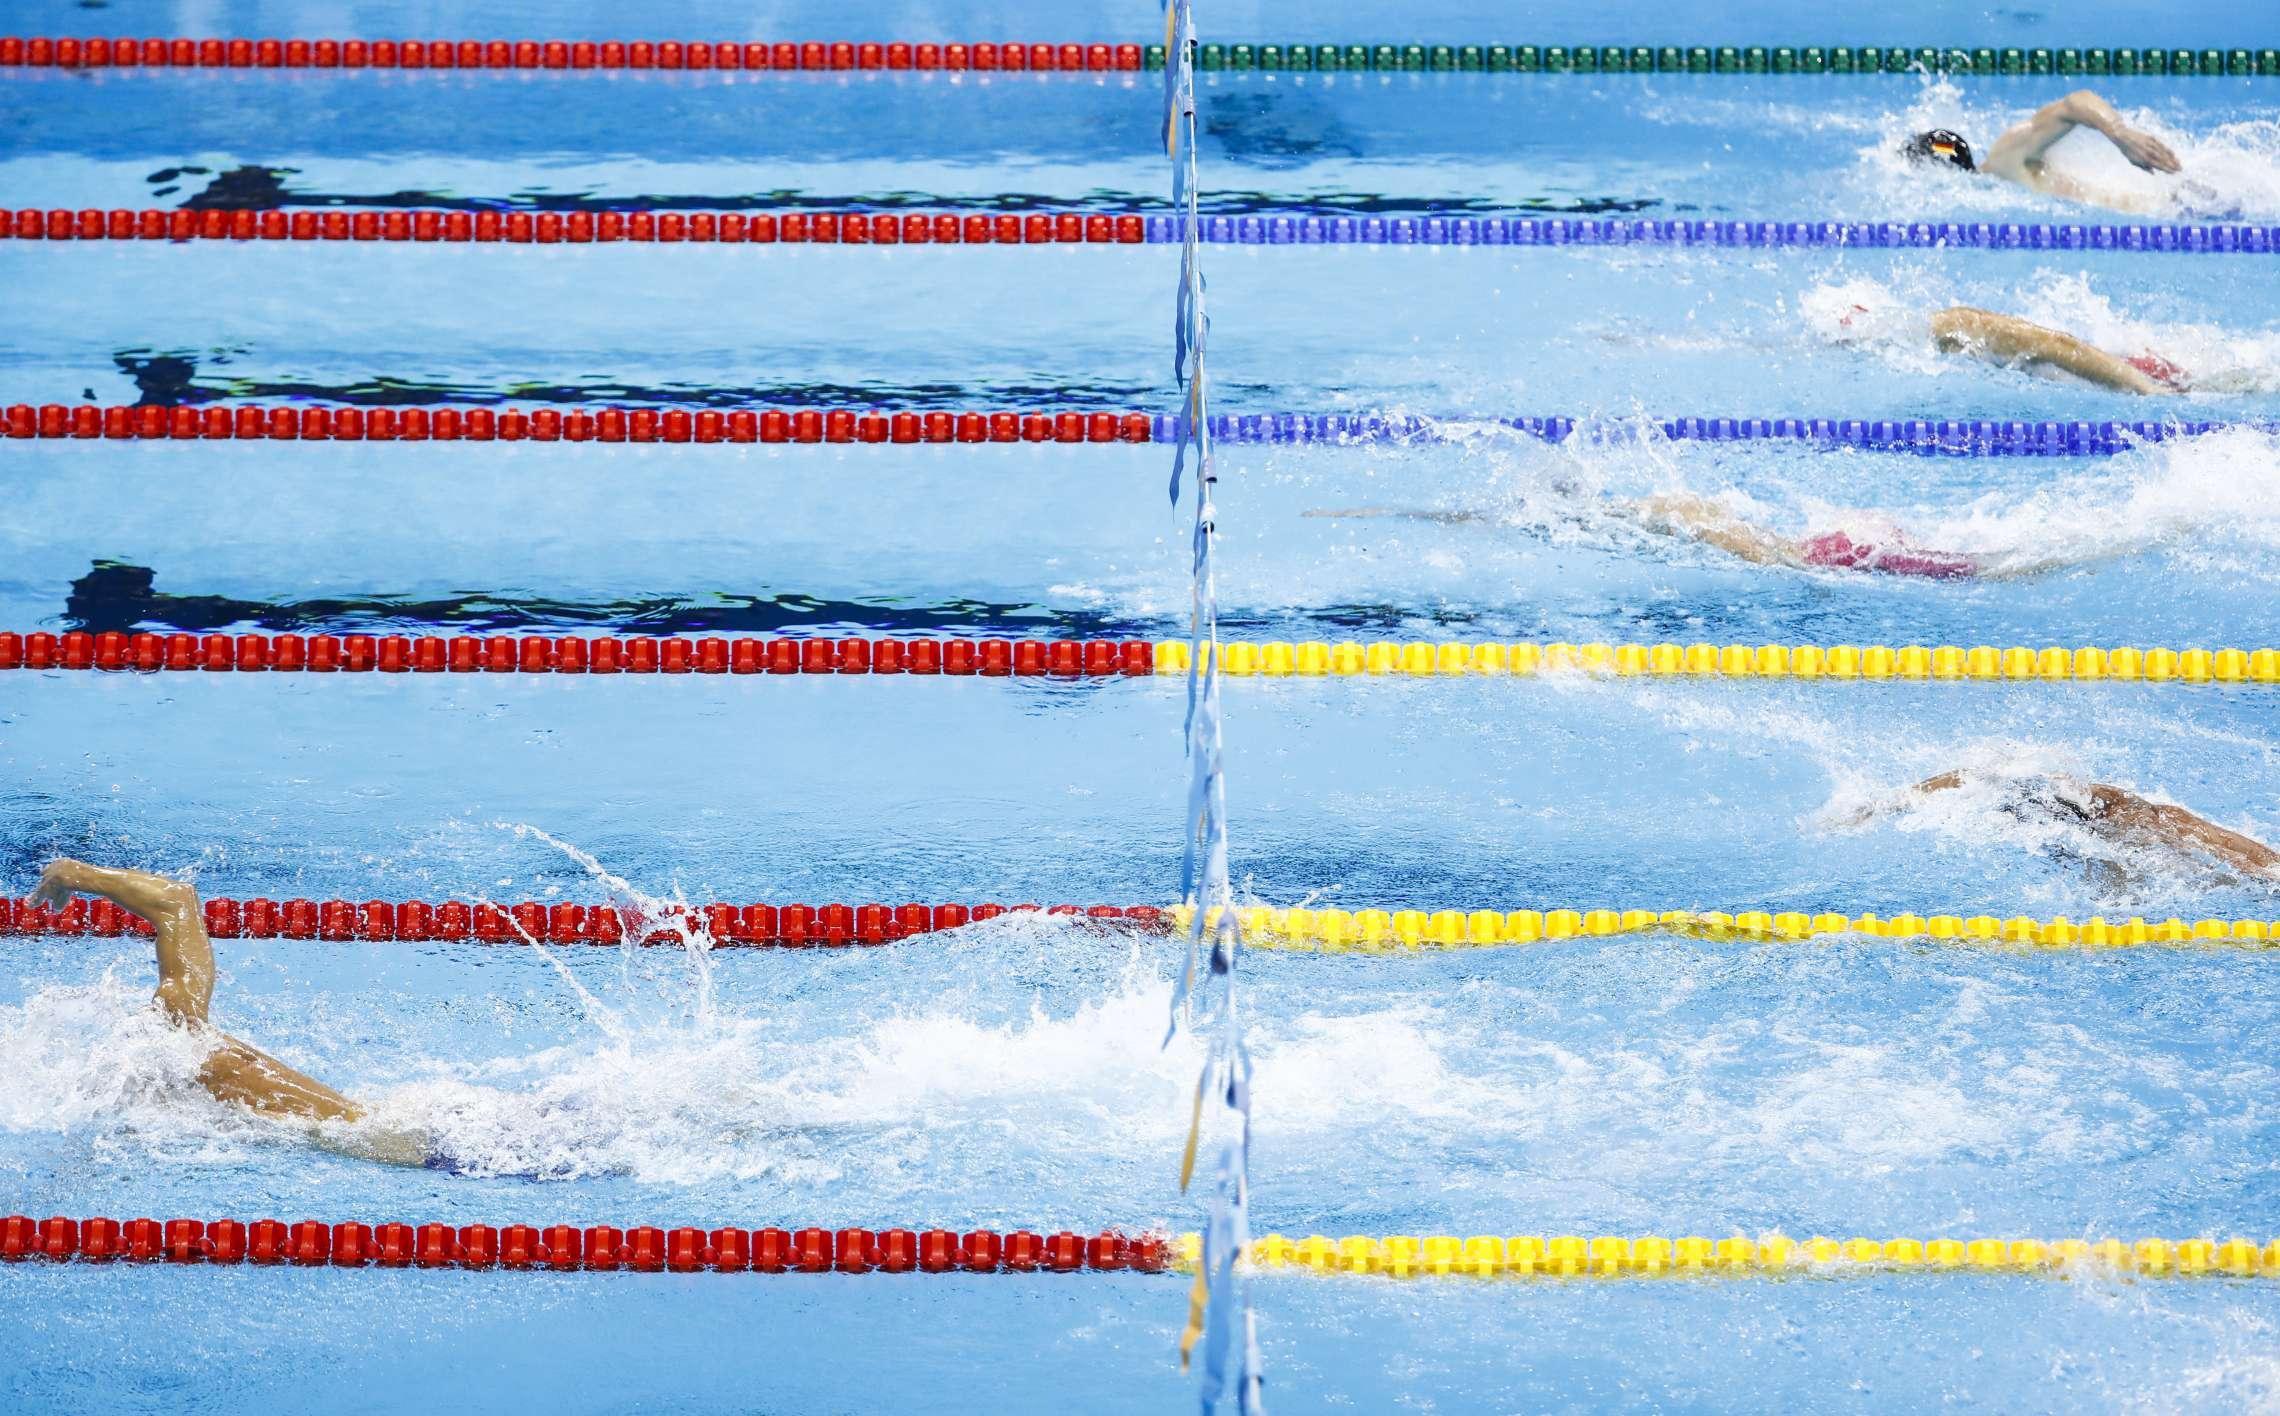 06-00367-Phelps fest-05